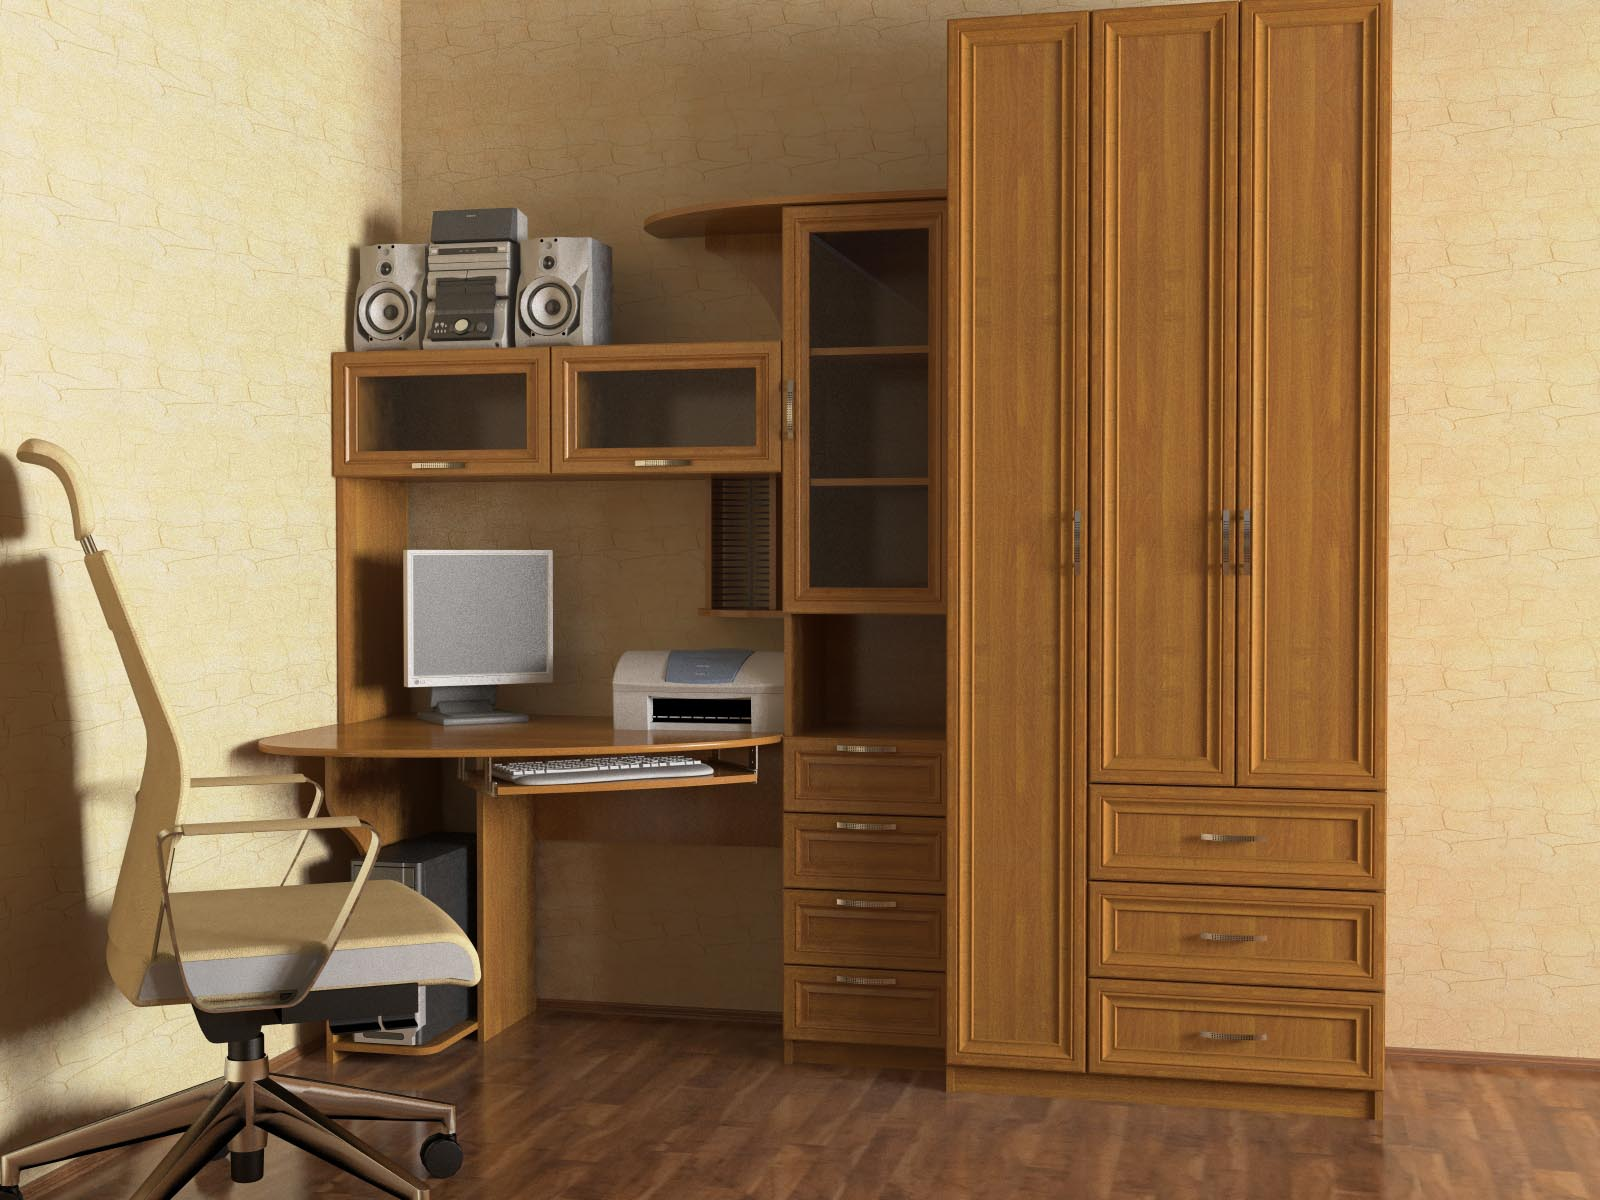 Стол компьютерный ст-4 купить в интернет-магазине тд промебе.